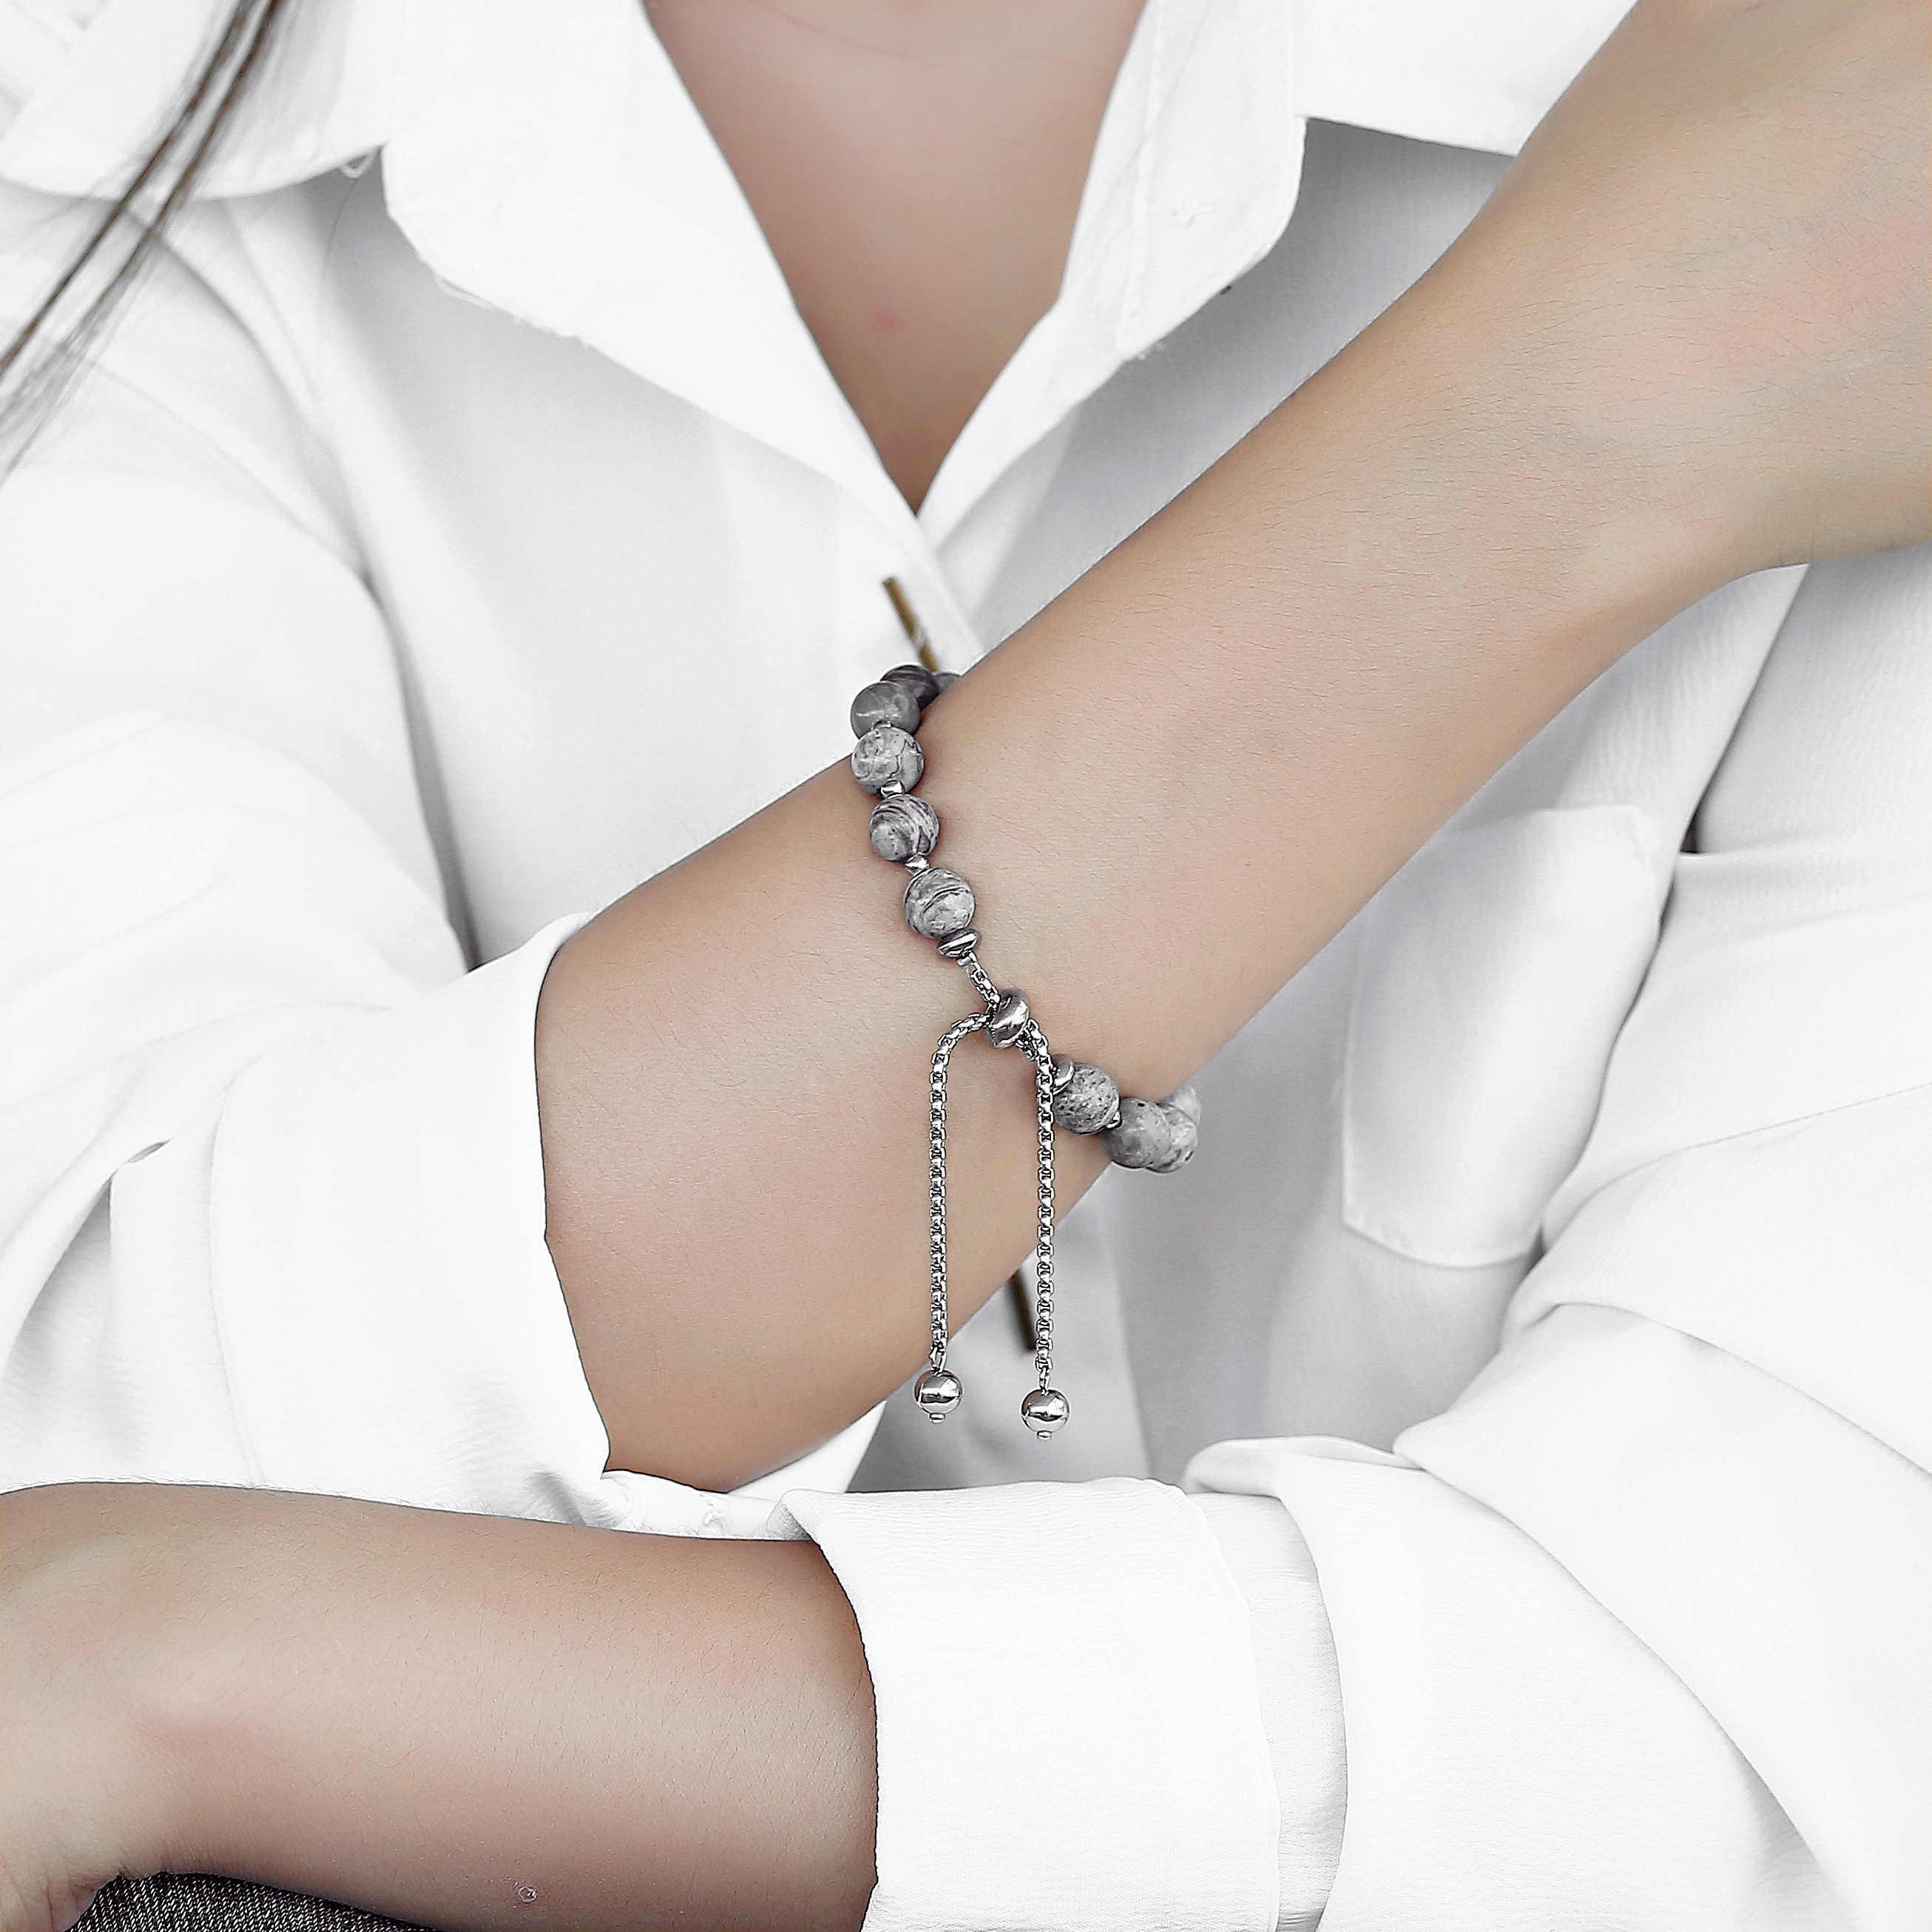 8 ミリメートル天然石ビーズブレスレット女性女の子のためタイガーアイマップ石ボックスチェーン調整可能な宝石類のギフトユニークなデザイン DBM70